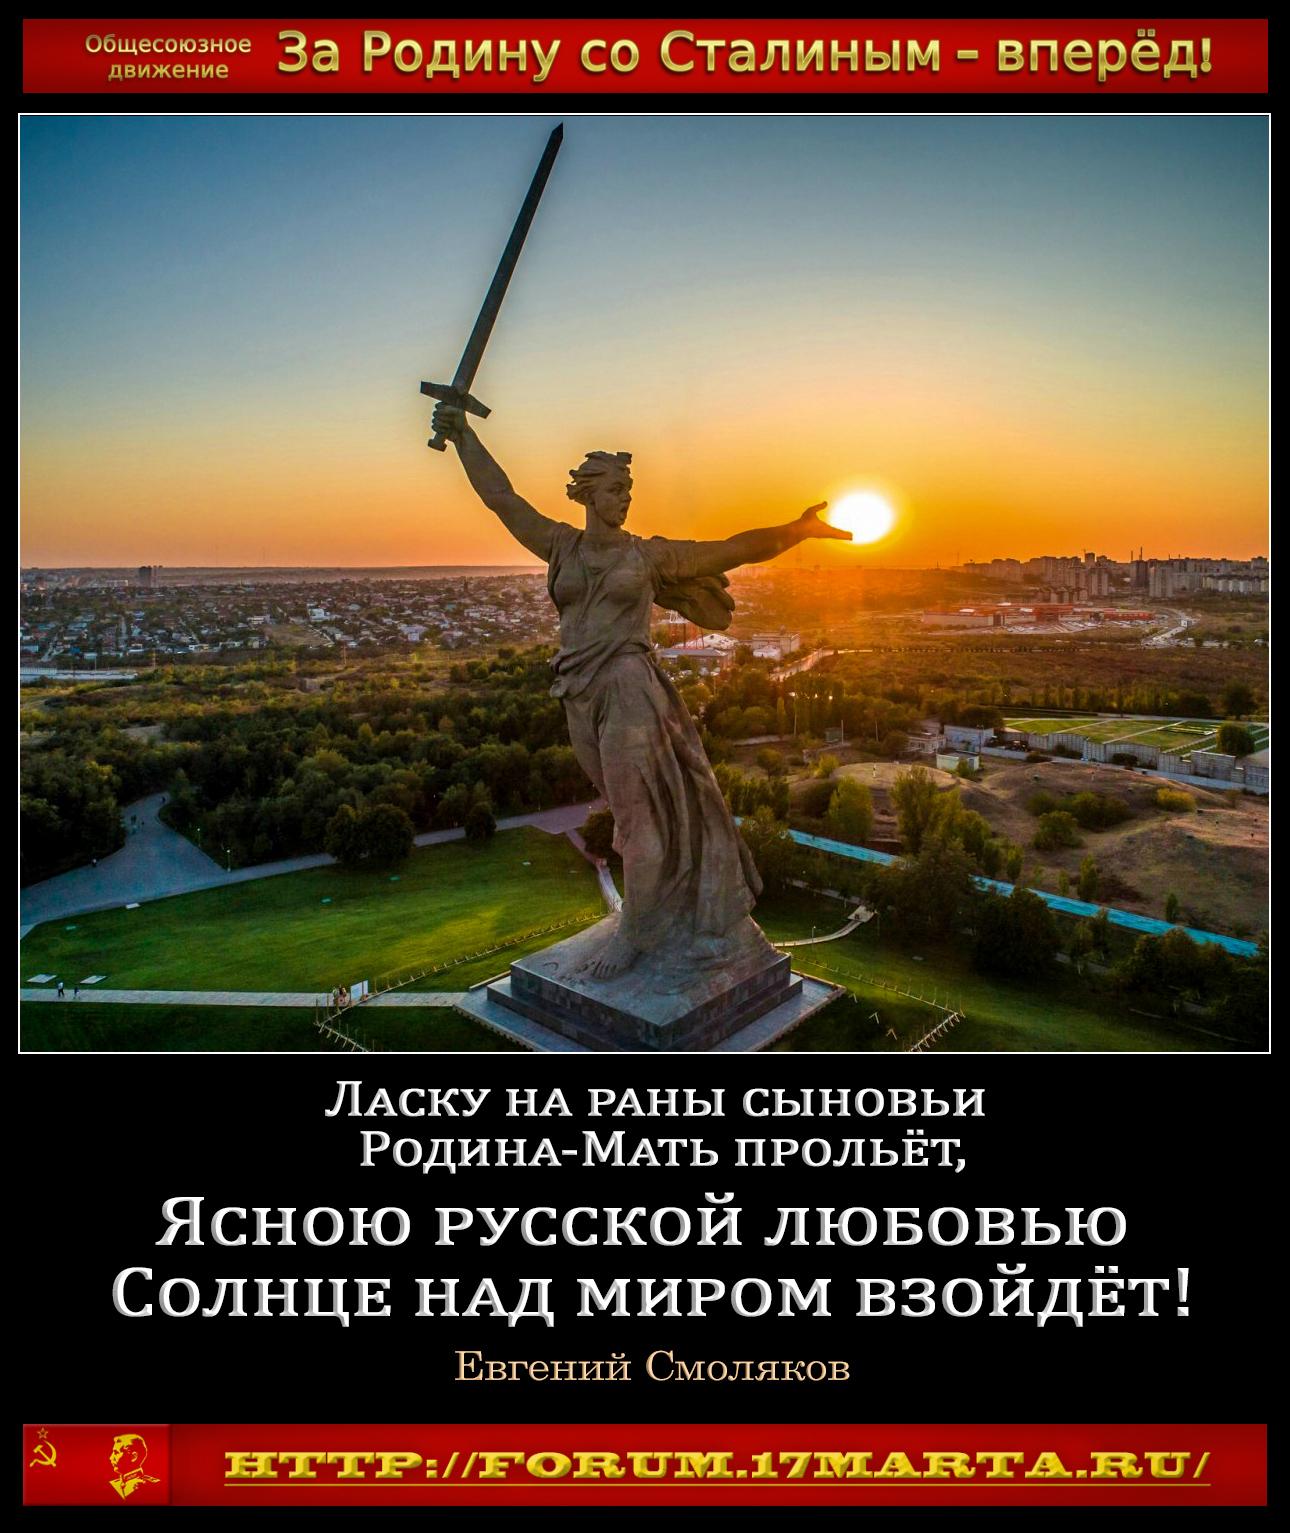 https://images.vfl.ru/ii/1531634114/d4882feb/22488440.jpg